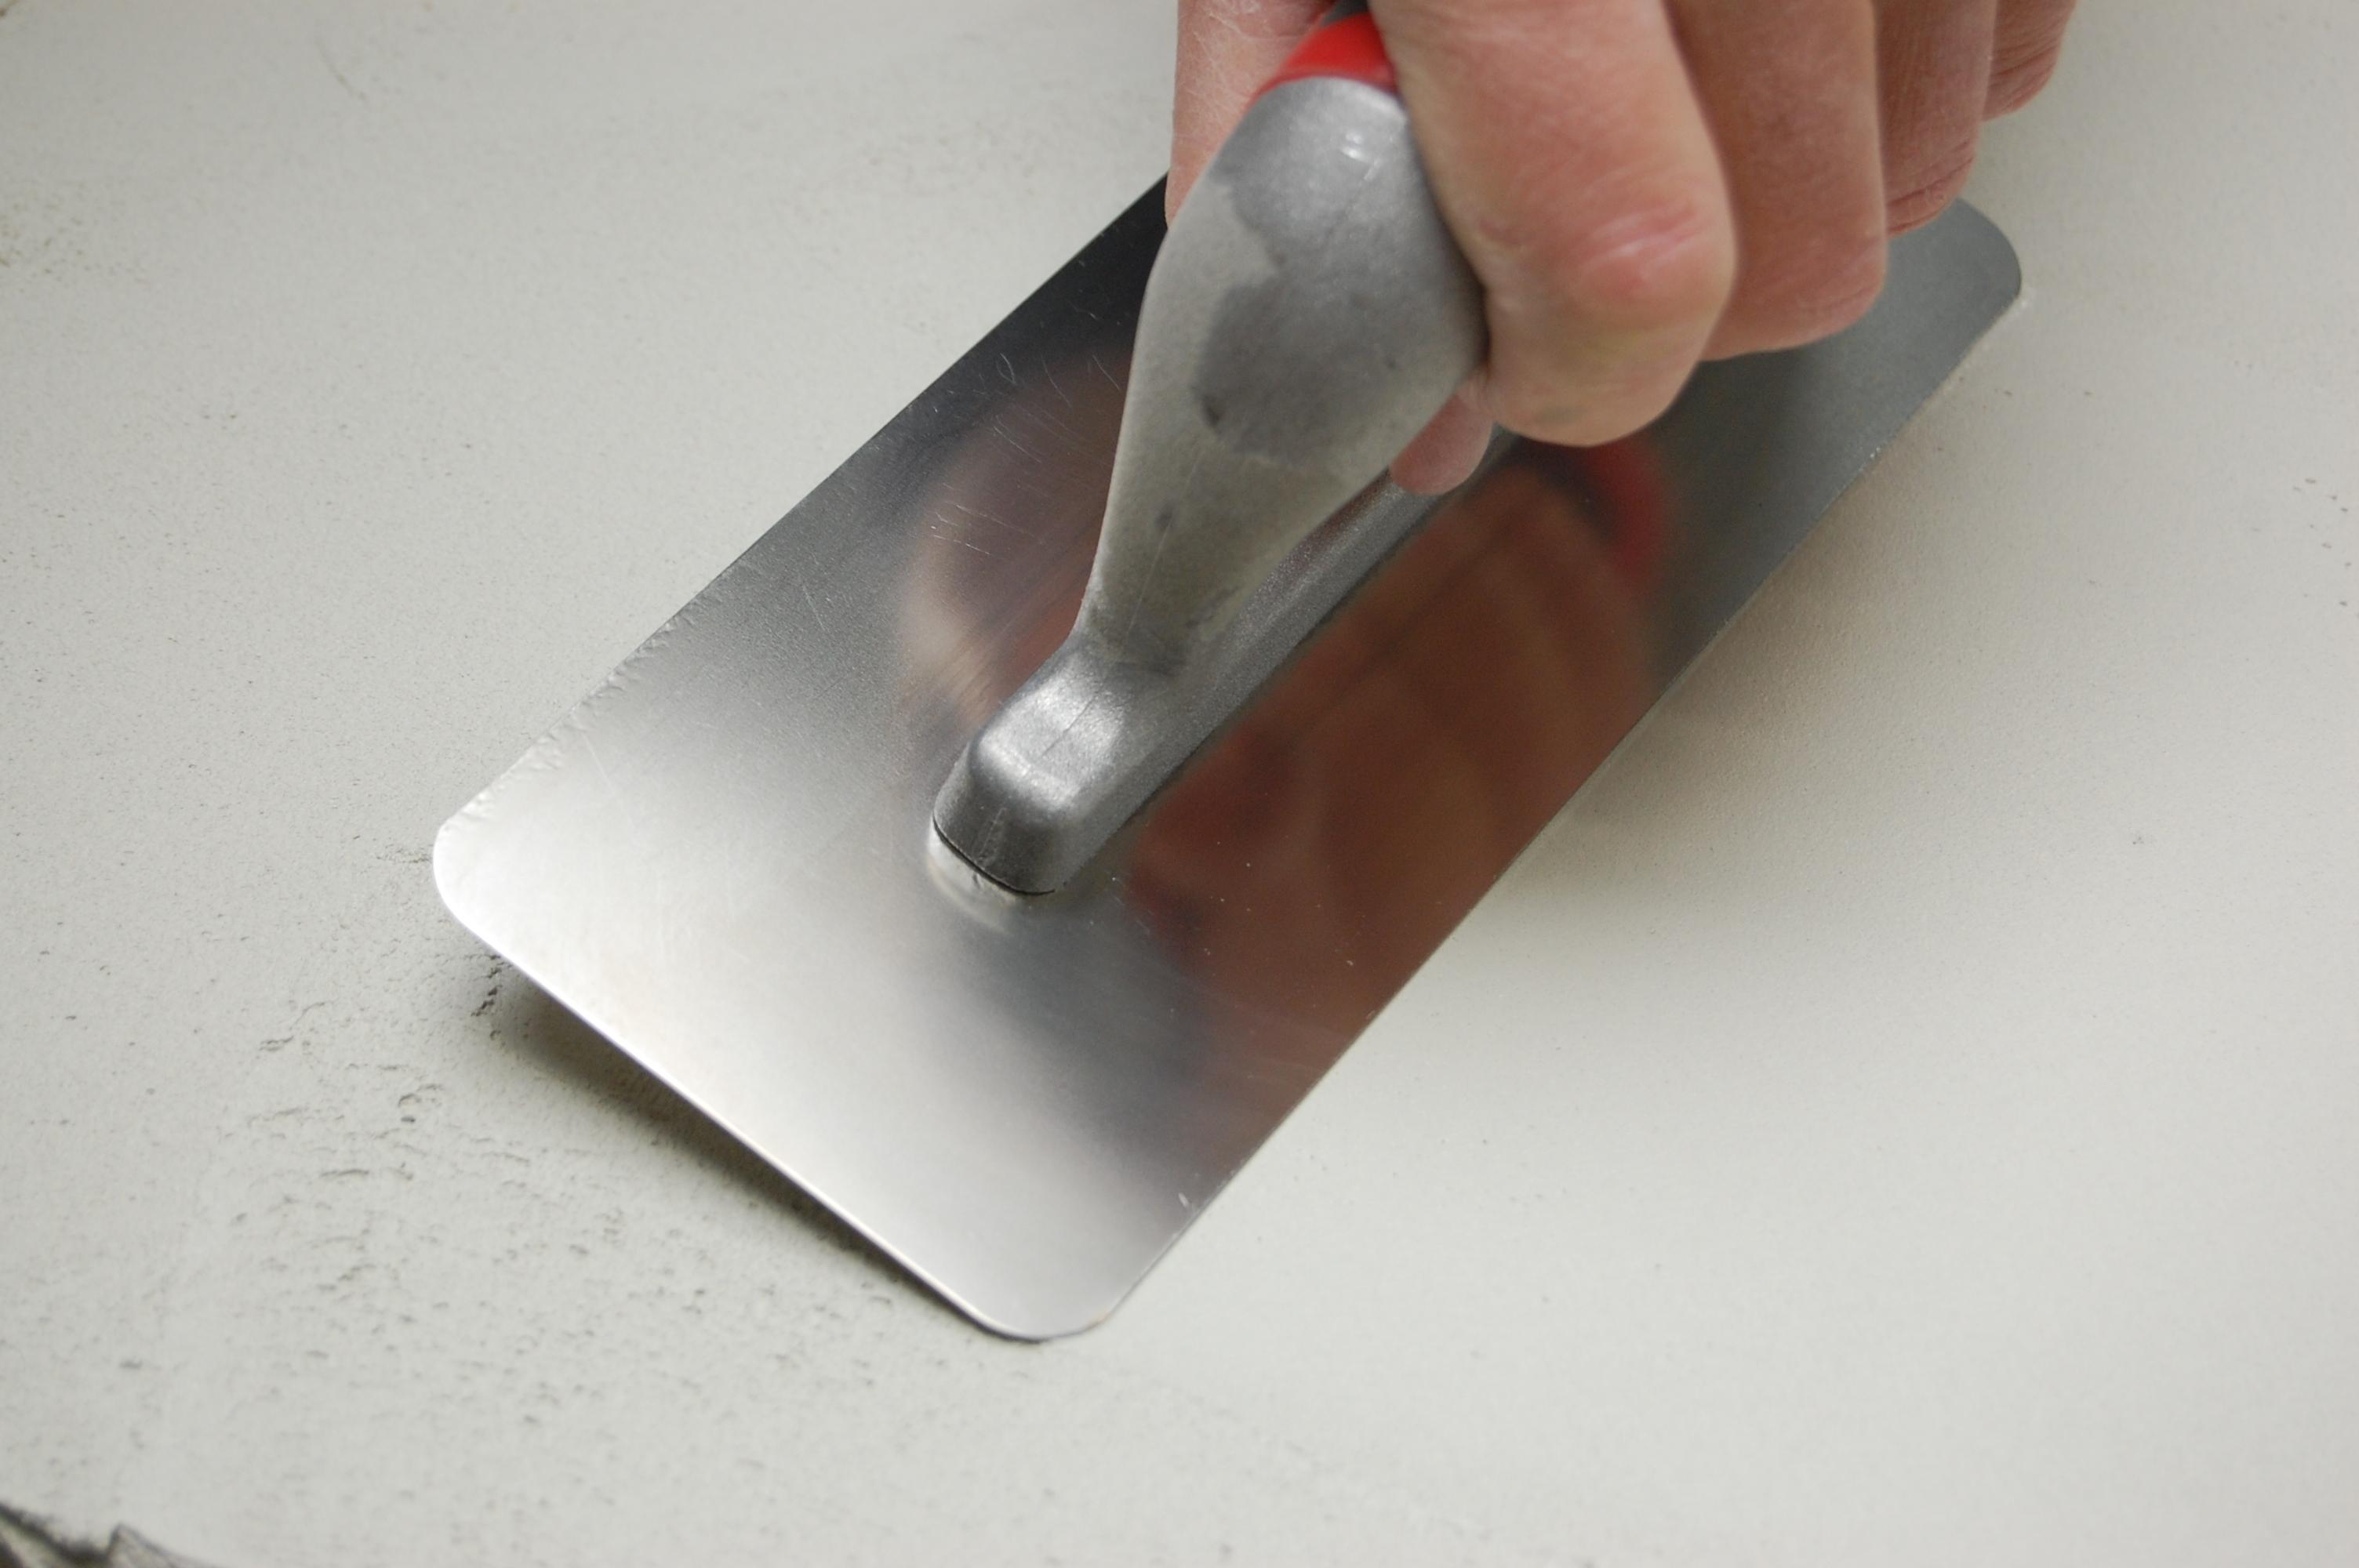 Fabricant Beton Cire France g3 matières | g3 matières - applicateur certifié en béton ciré